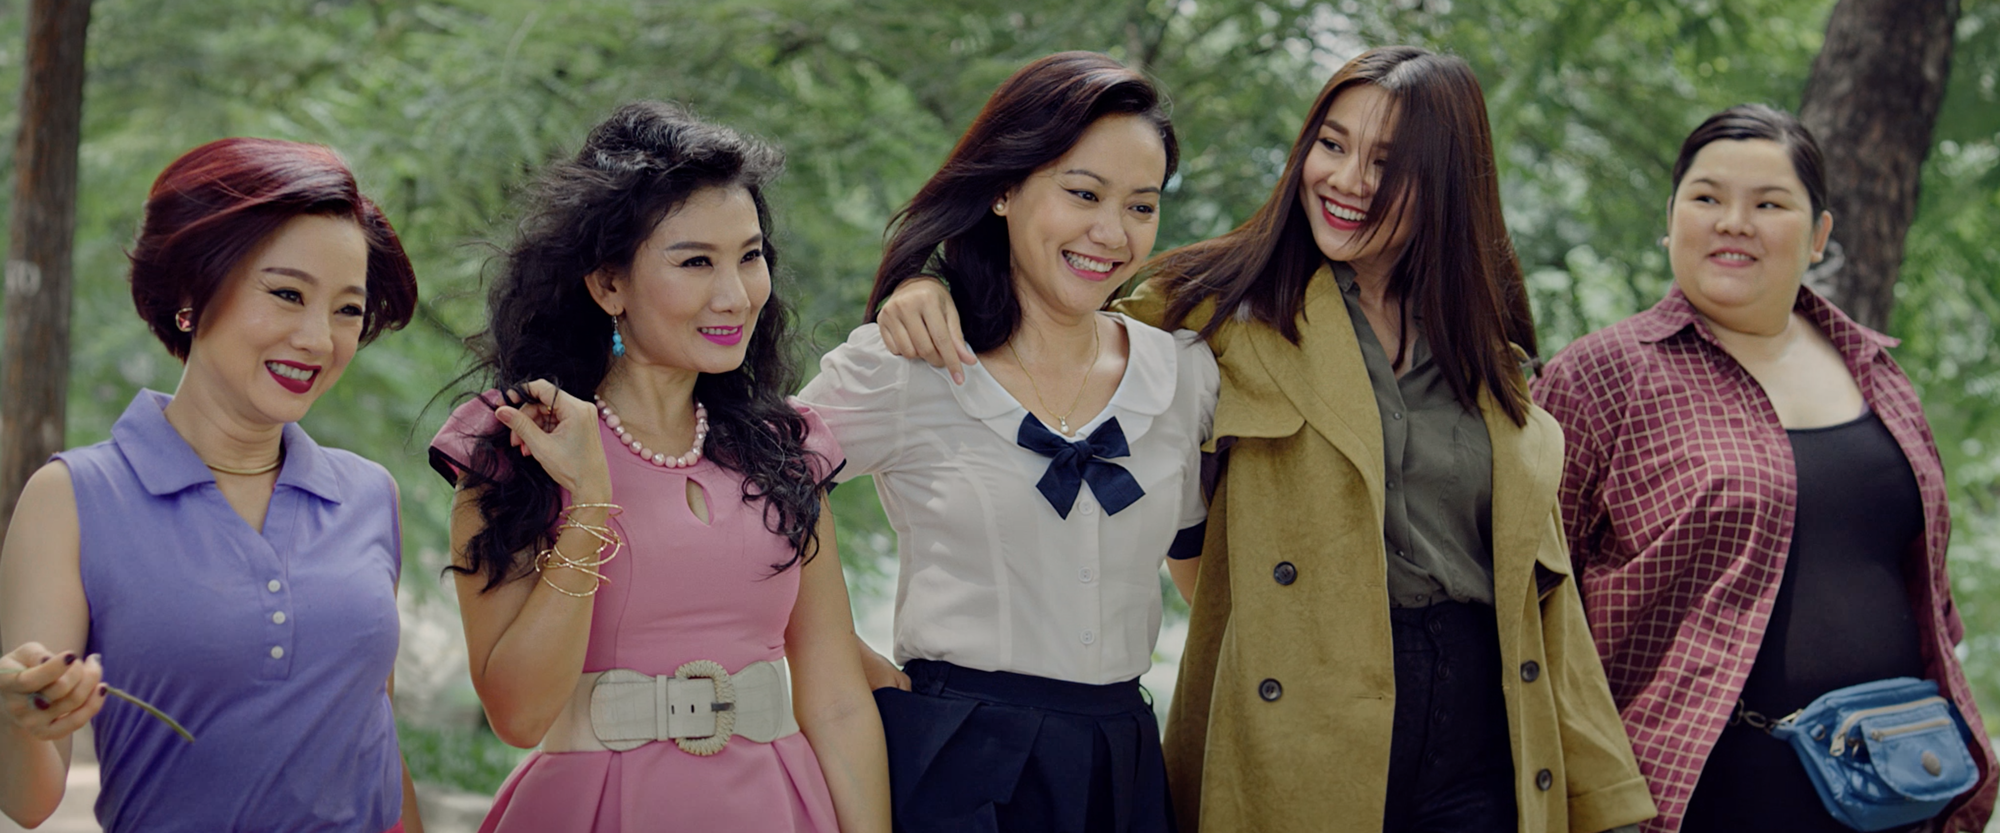 """Có thể khẳng định """"Tháng Năm Rực Rỡ"""" đích thực là phim remake hay nhất của Việt Nam từ trước đến nay! - Ảnh 13."""